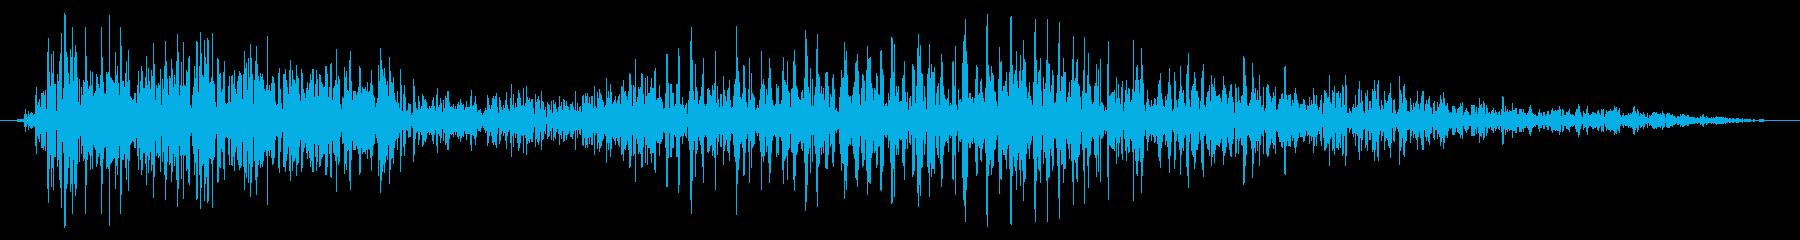 ドラゴン モンスター ダメージ 強の再生済みの波形